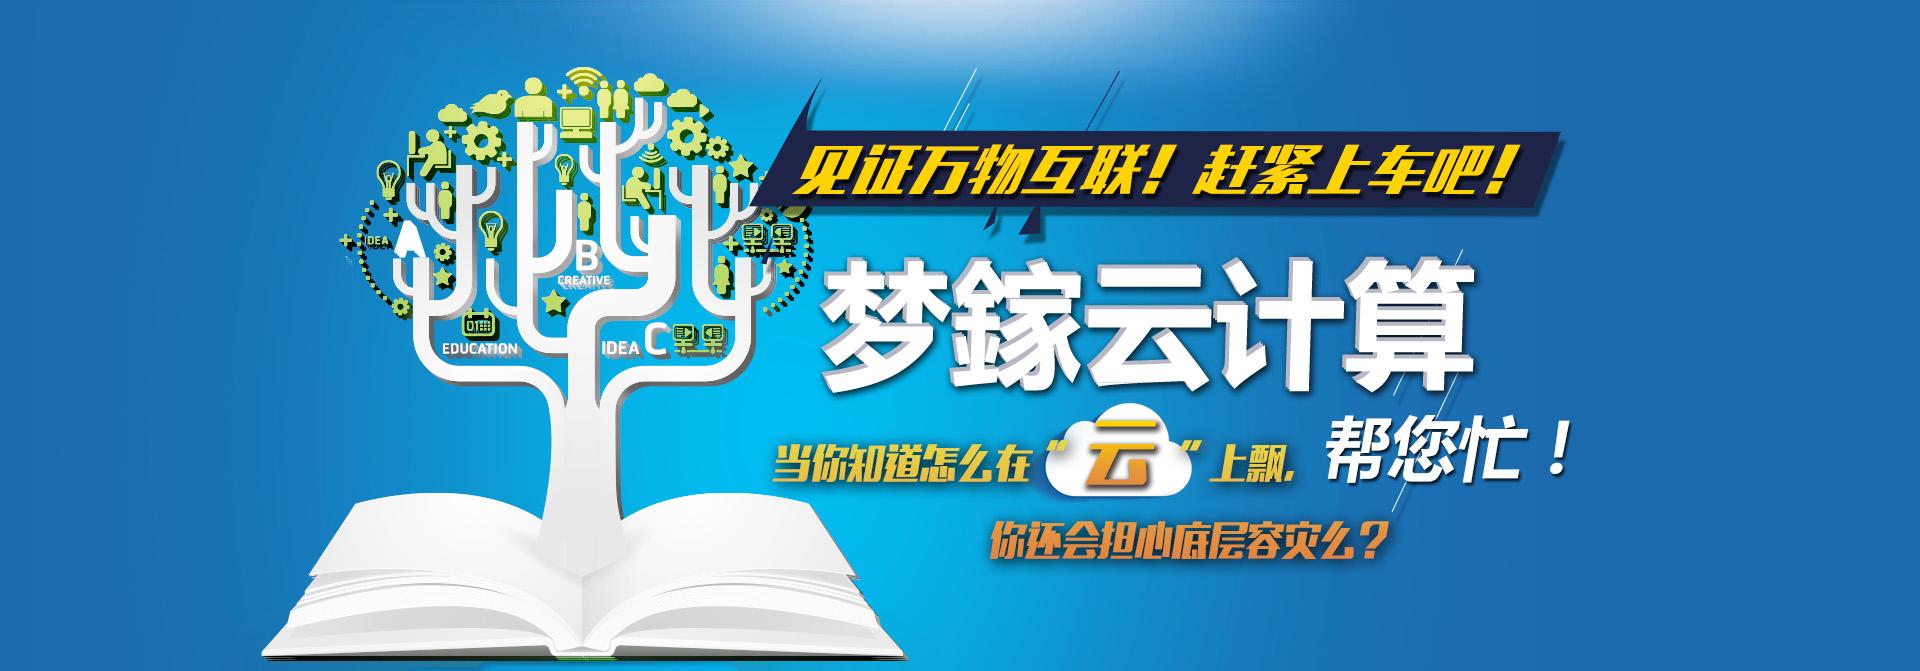 深圳linux培训